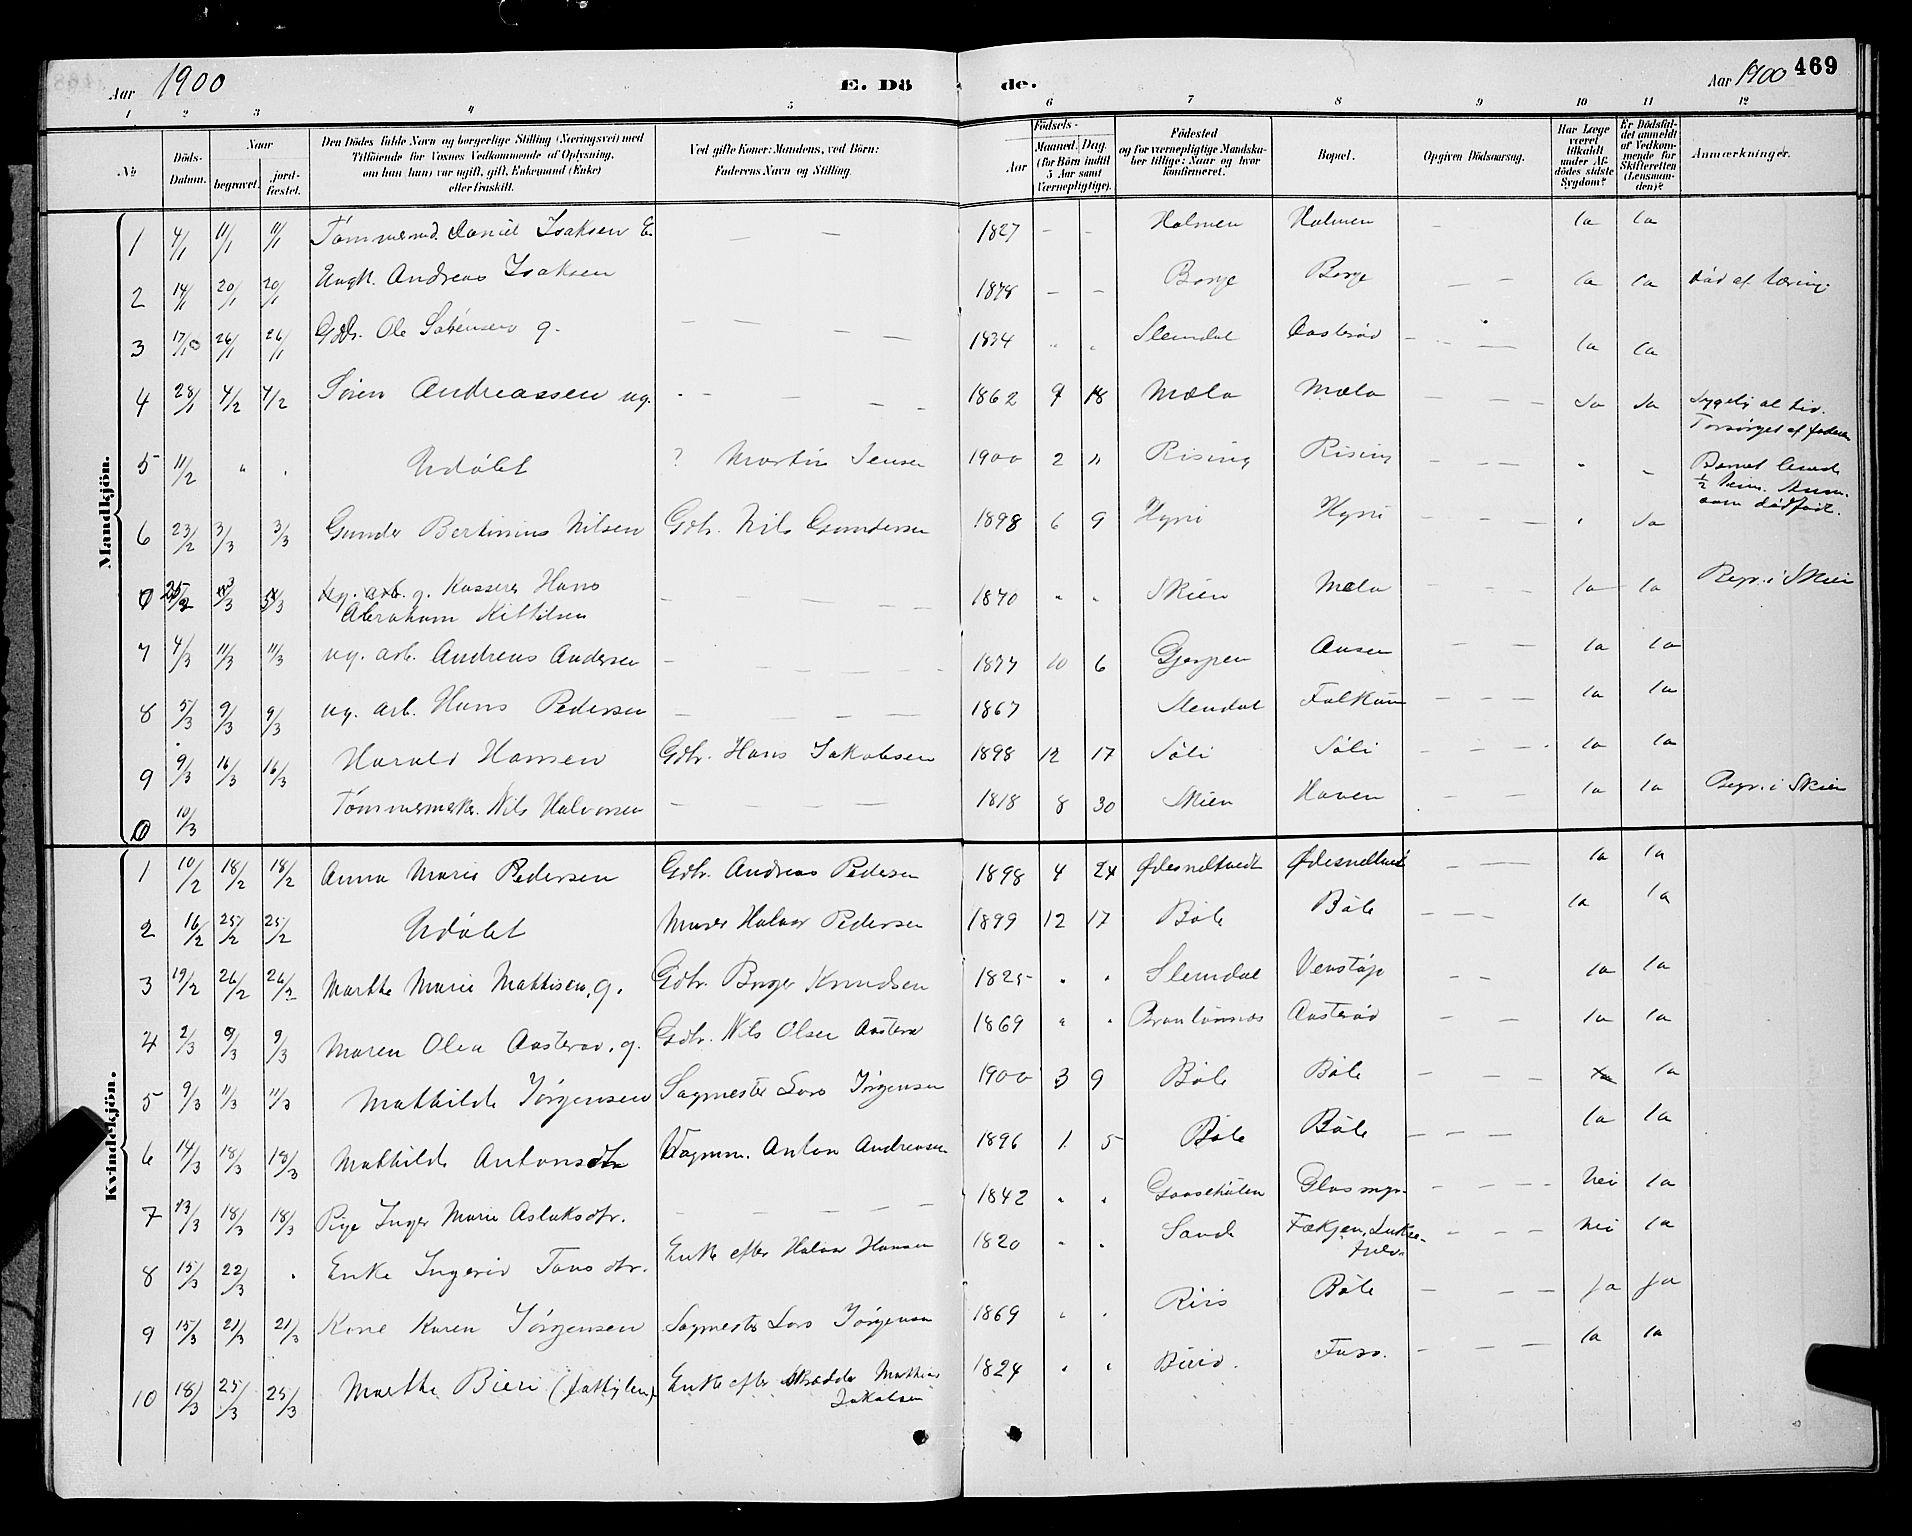 SAKO, Gjerpen kirkebøker, G/Ga/L0002: Klokkerbok nr. I 2, 1883-1900, s. 469